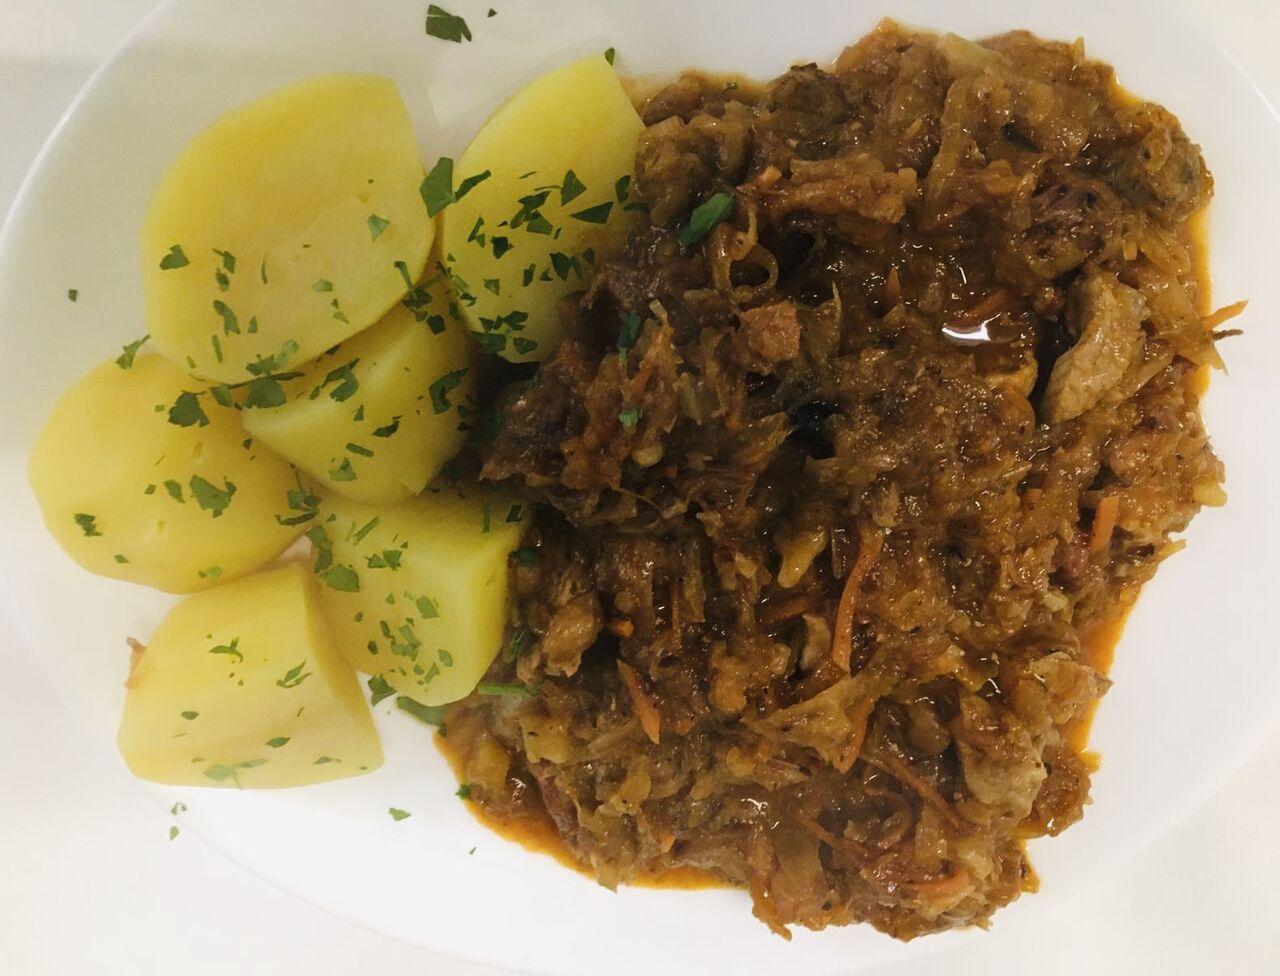 - Bigos (Polnisches Sauerkrautgericht mit Fleisch), dazu Salzkartoffeln -